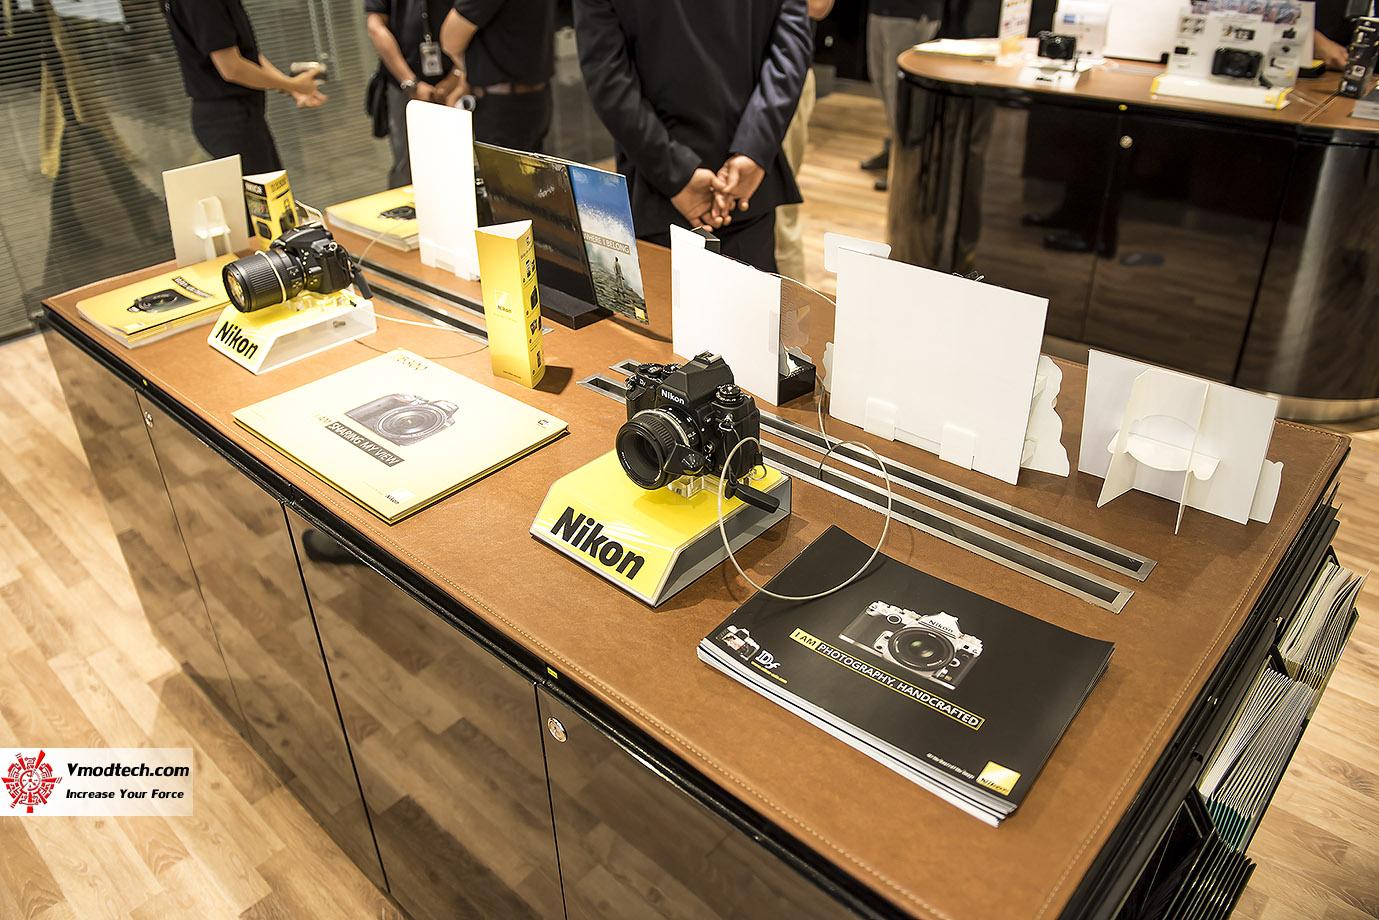 dsc 6628 ภาพบรรยากาศงานเปิดตัว Nikon Square ในประเทศไทย